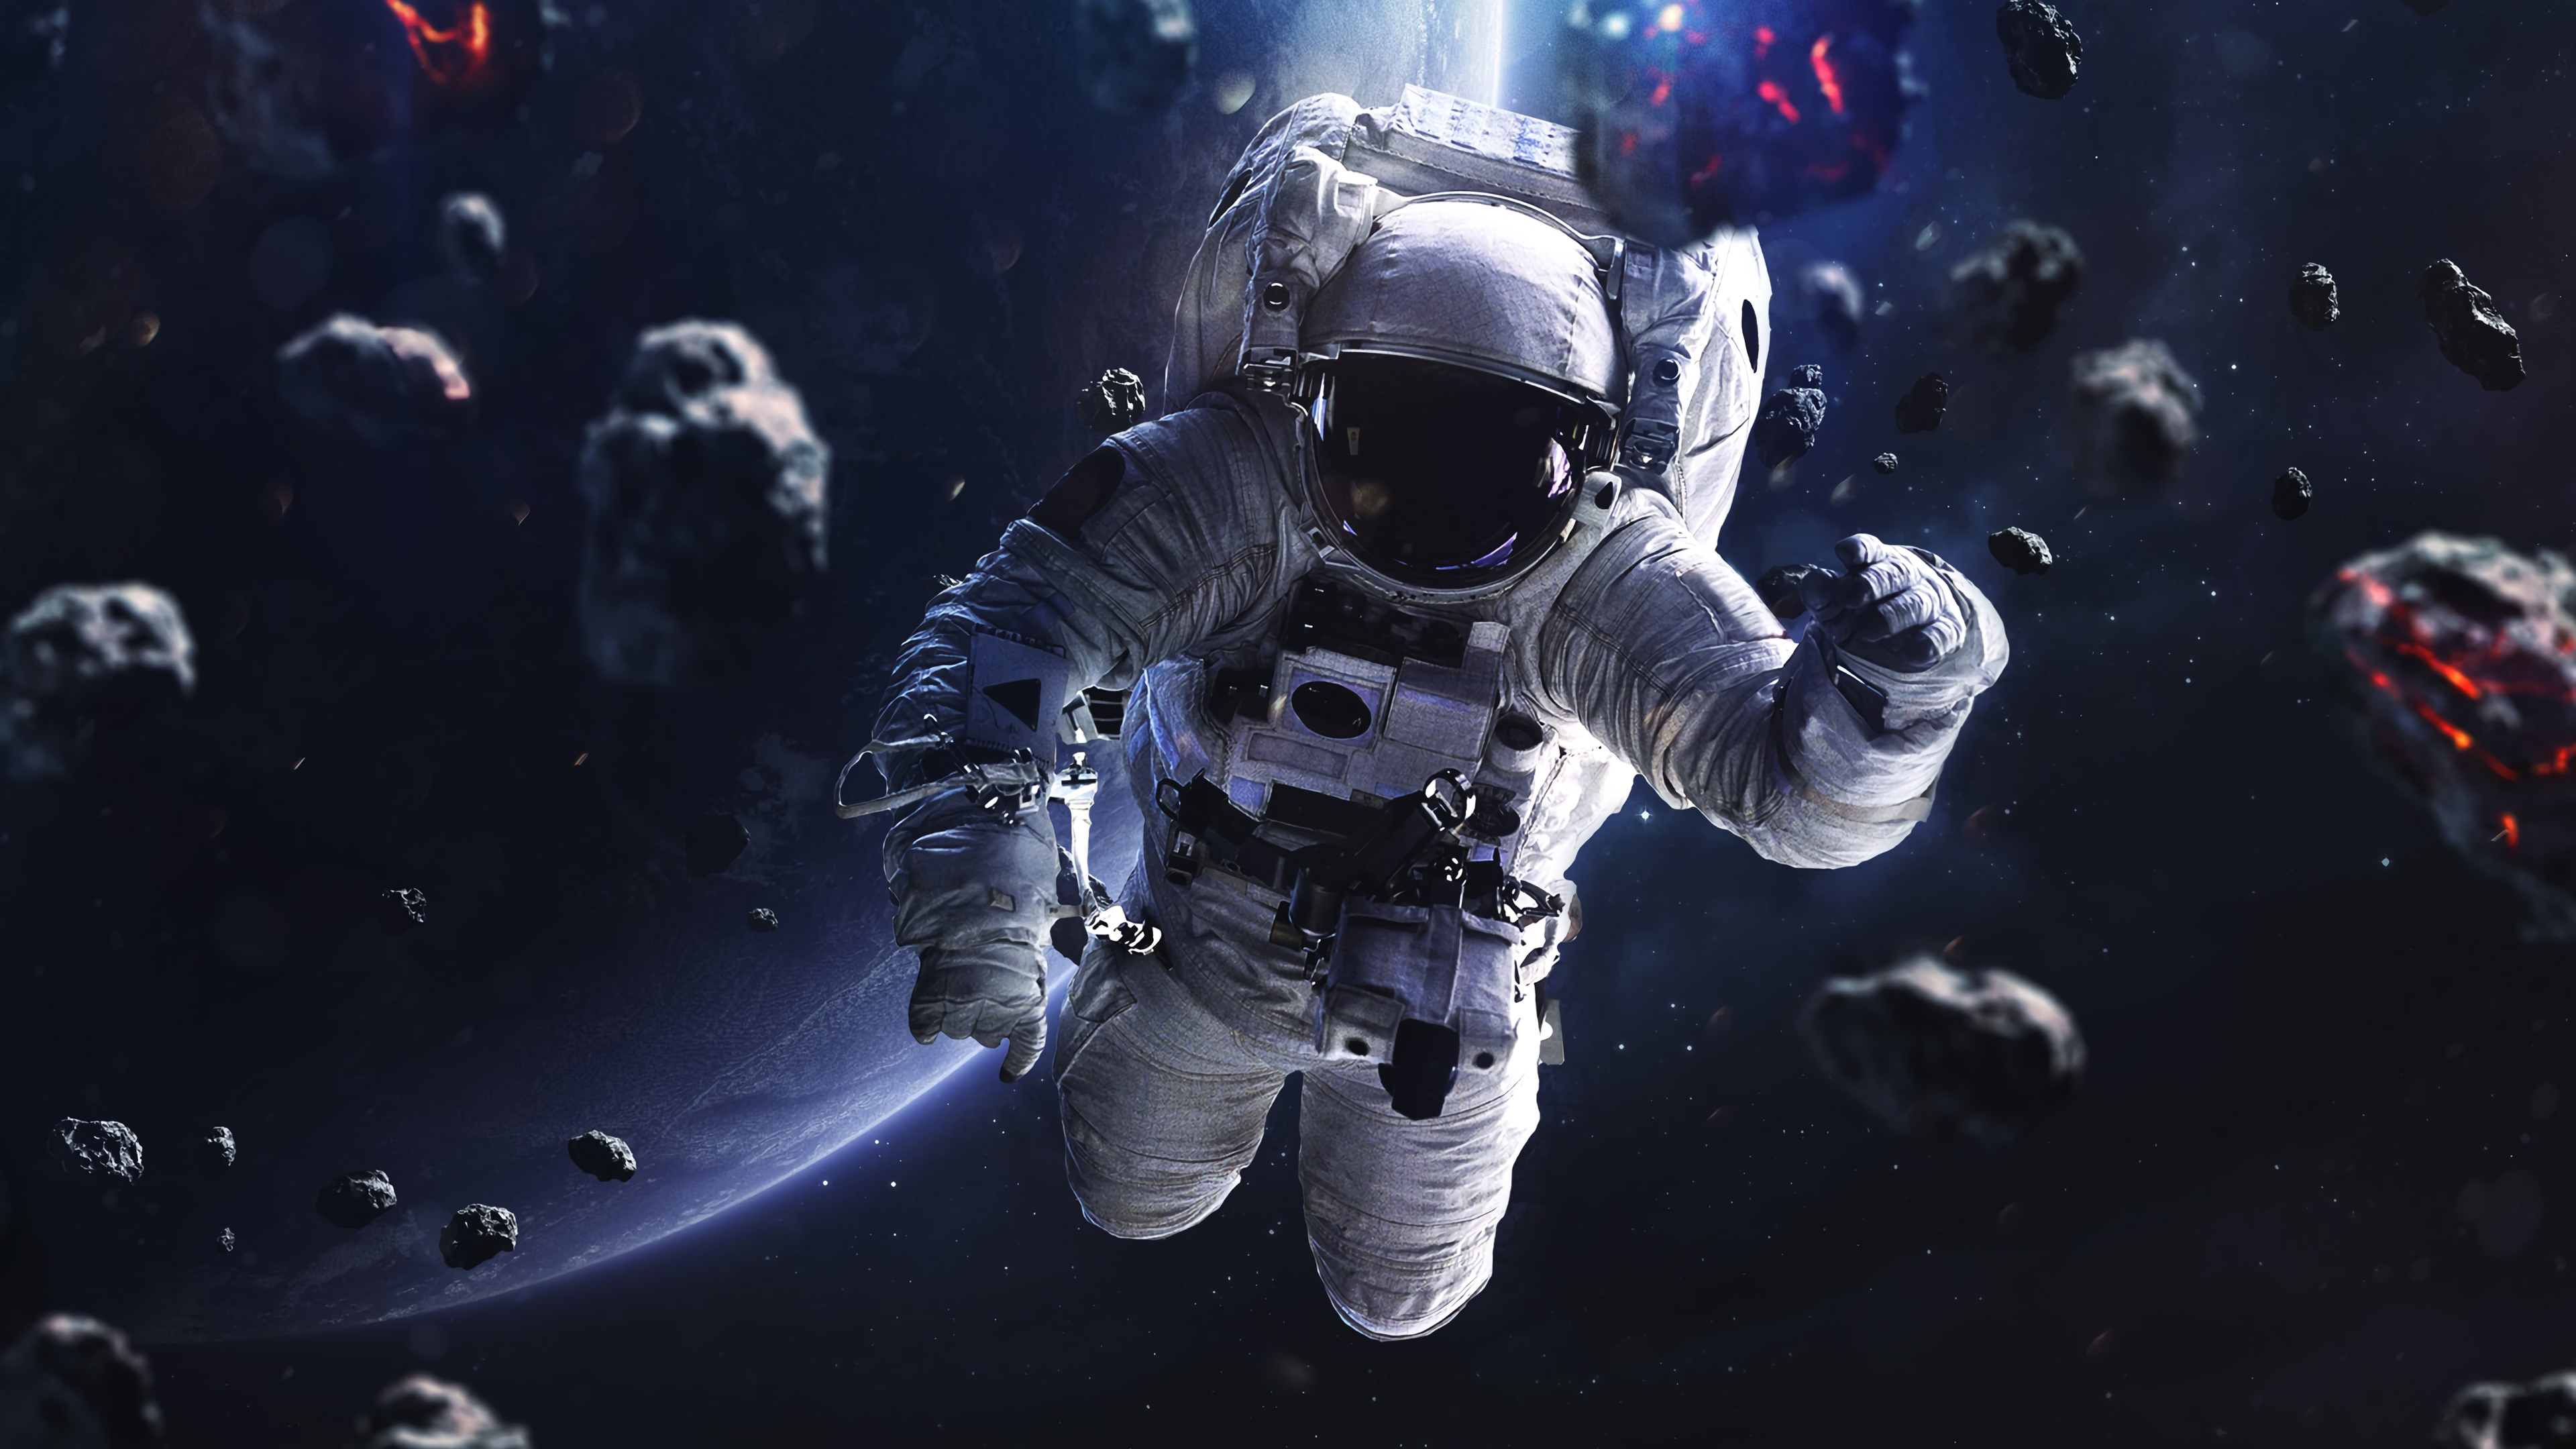 Fondos de pantalla Astronauta flotando alrededor de asteroides